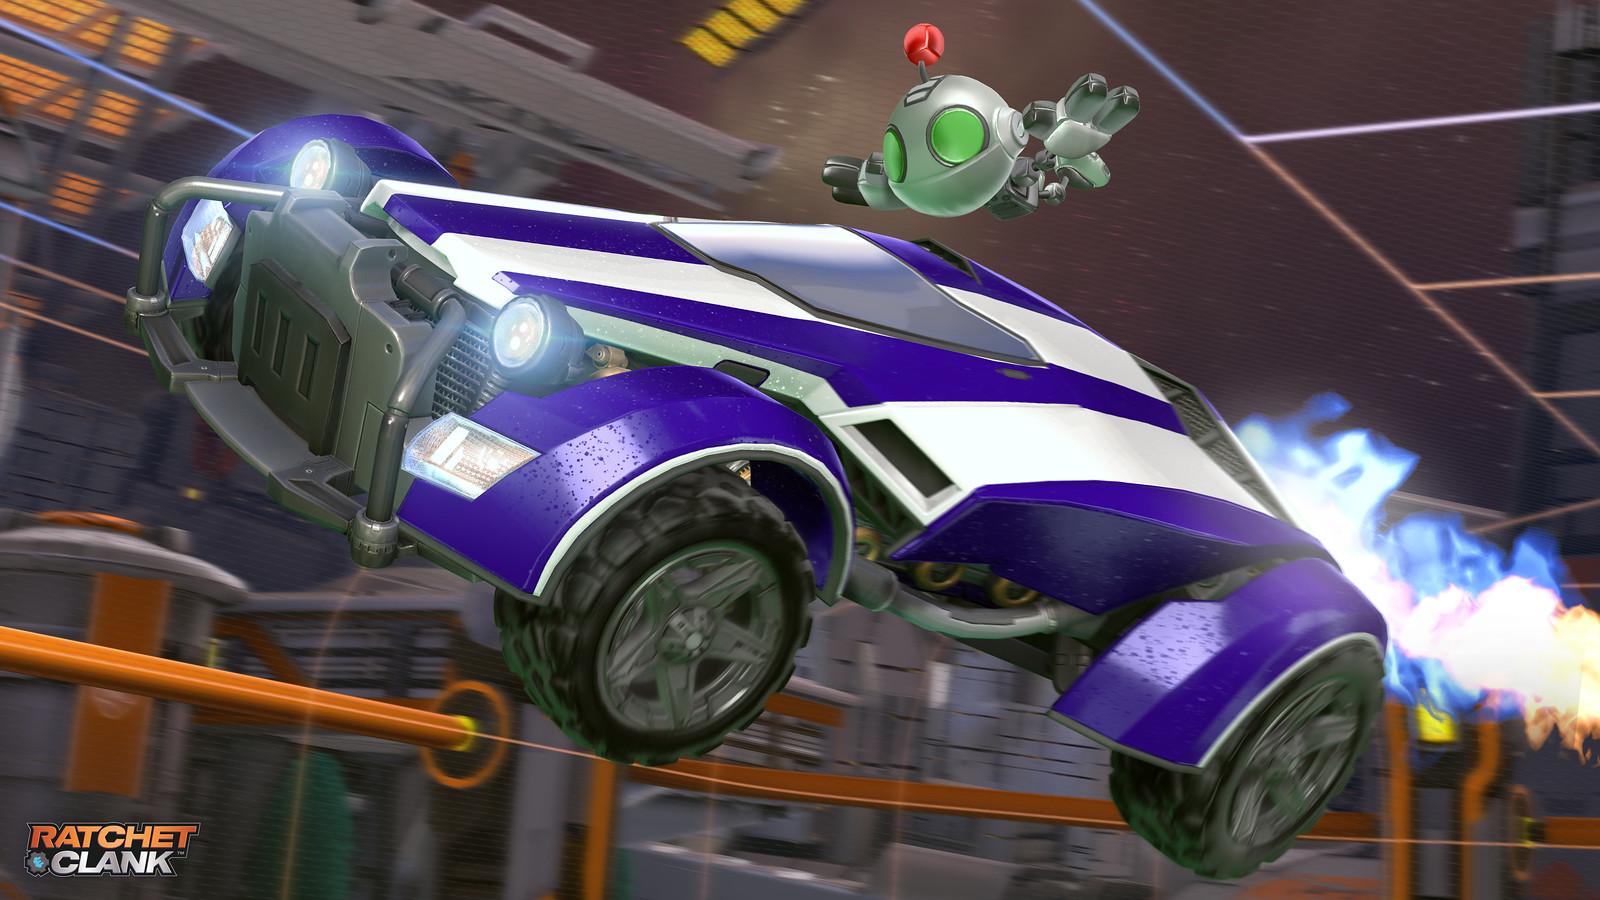 Ratchet & Clank llega a Rocket League! Conozcan detalles de la Temporada 4  – PlayStation.Blog LATAM